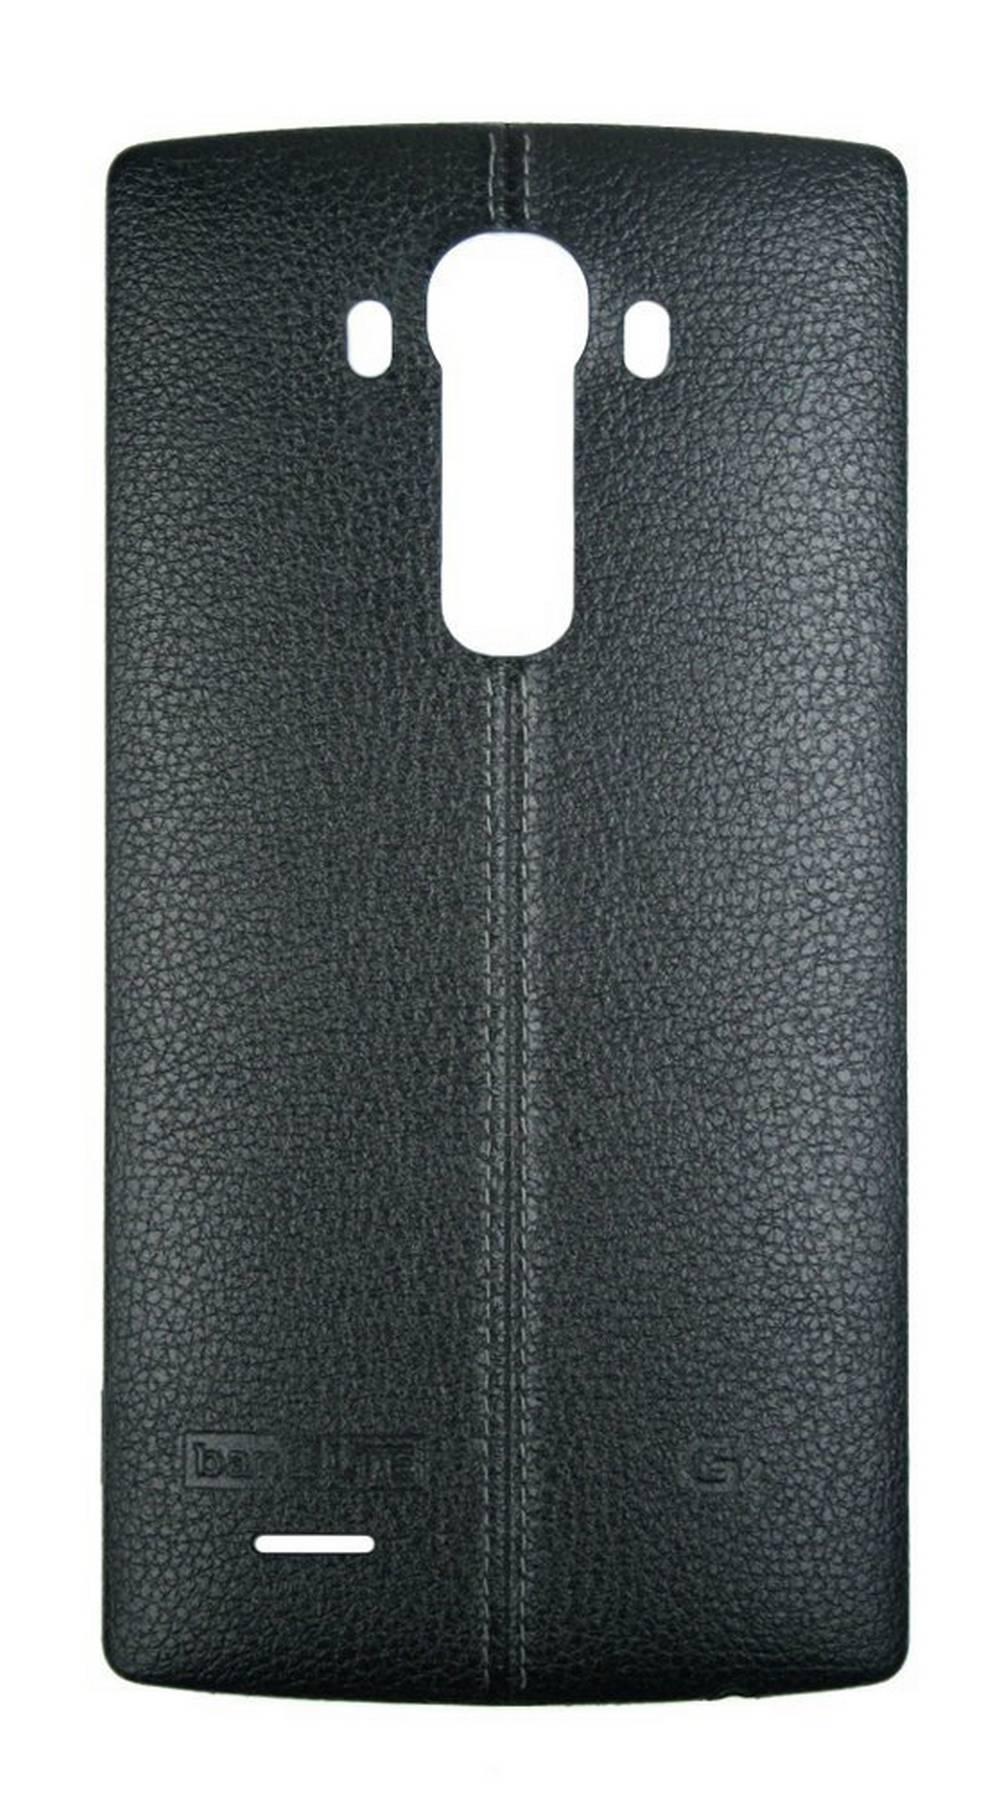 Καπάκι Μπαταρίας Δερμάτινο LG CPR-110 για G4 H815 Μαύρο με Ενεργό NFC Original AAA76386601